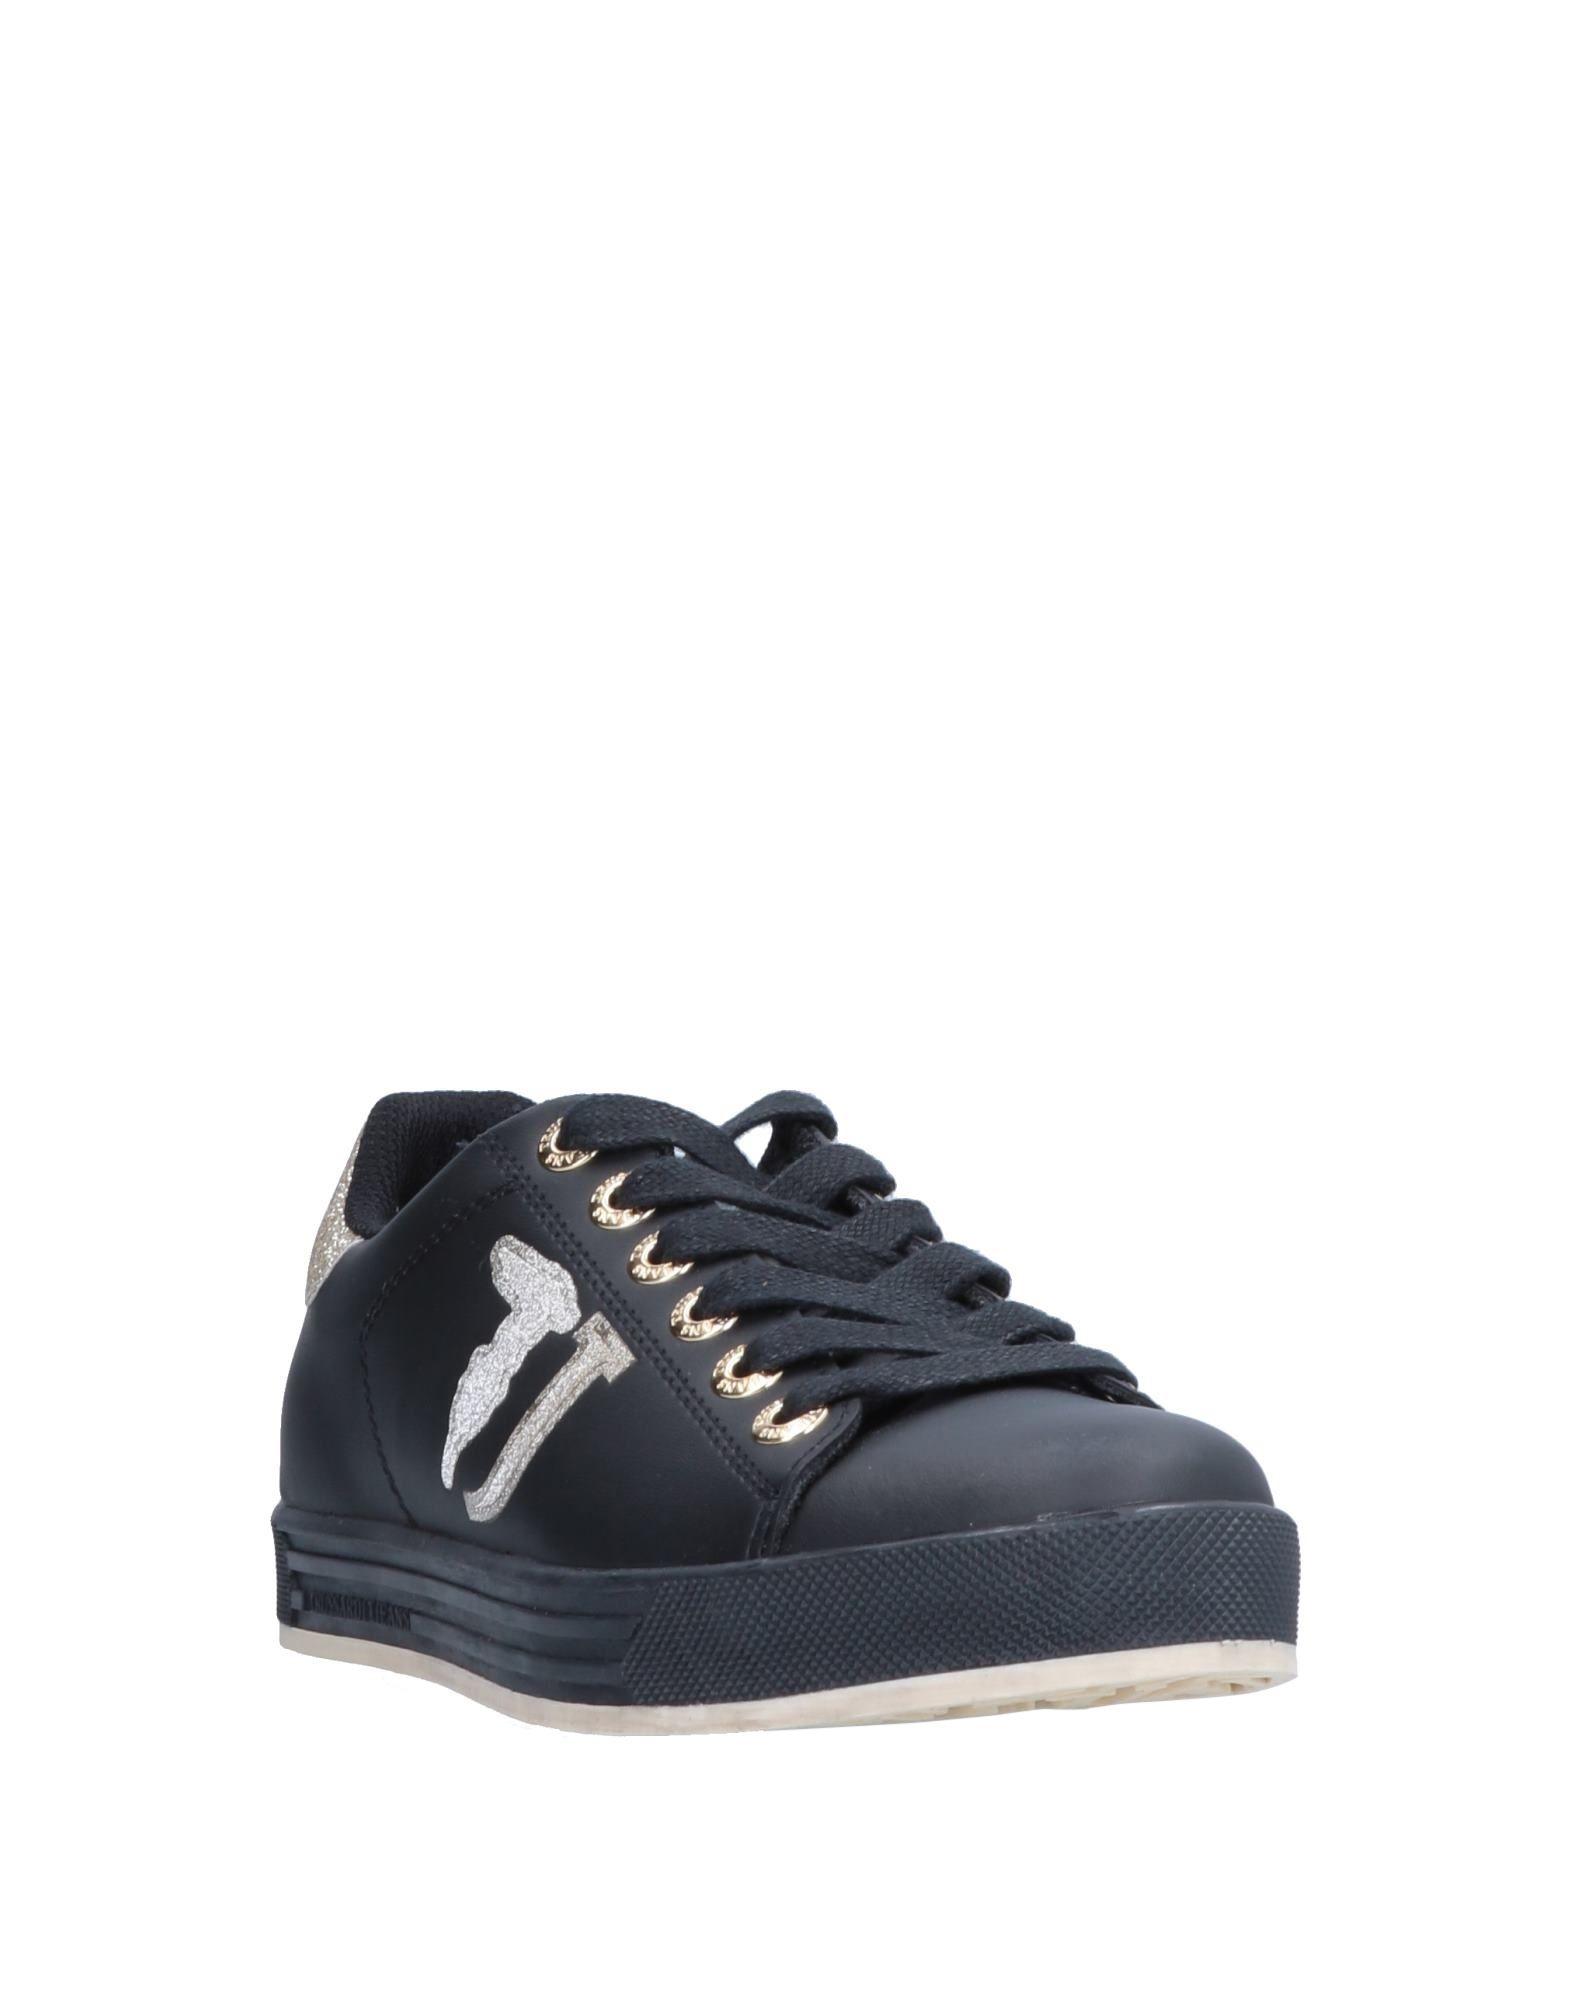 Trussardi Jeans Sneakers - Women Women Women Trussardi Jeans Sneakers online on  United Kingdom - 11545915HN 118774